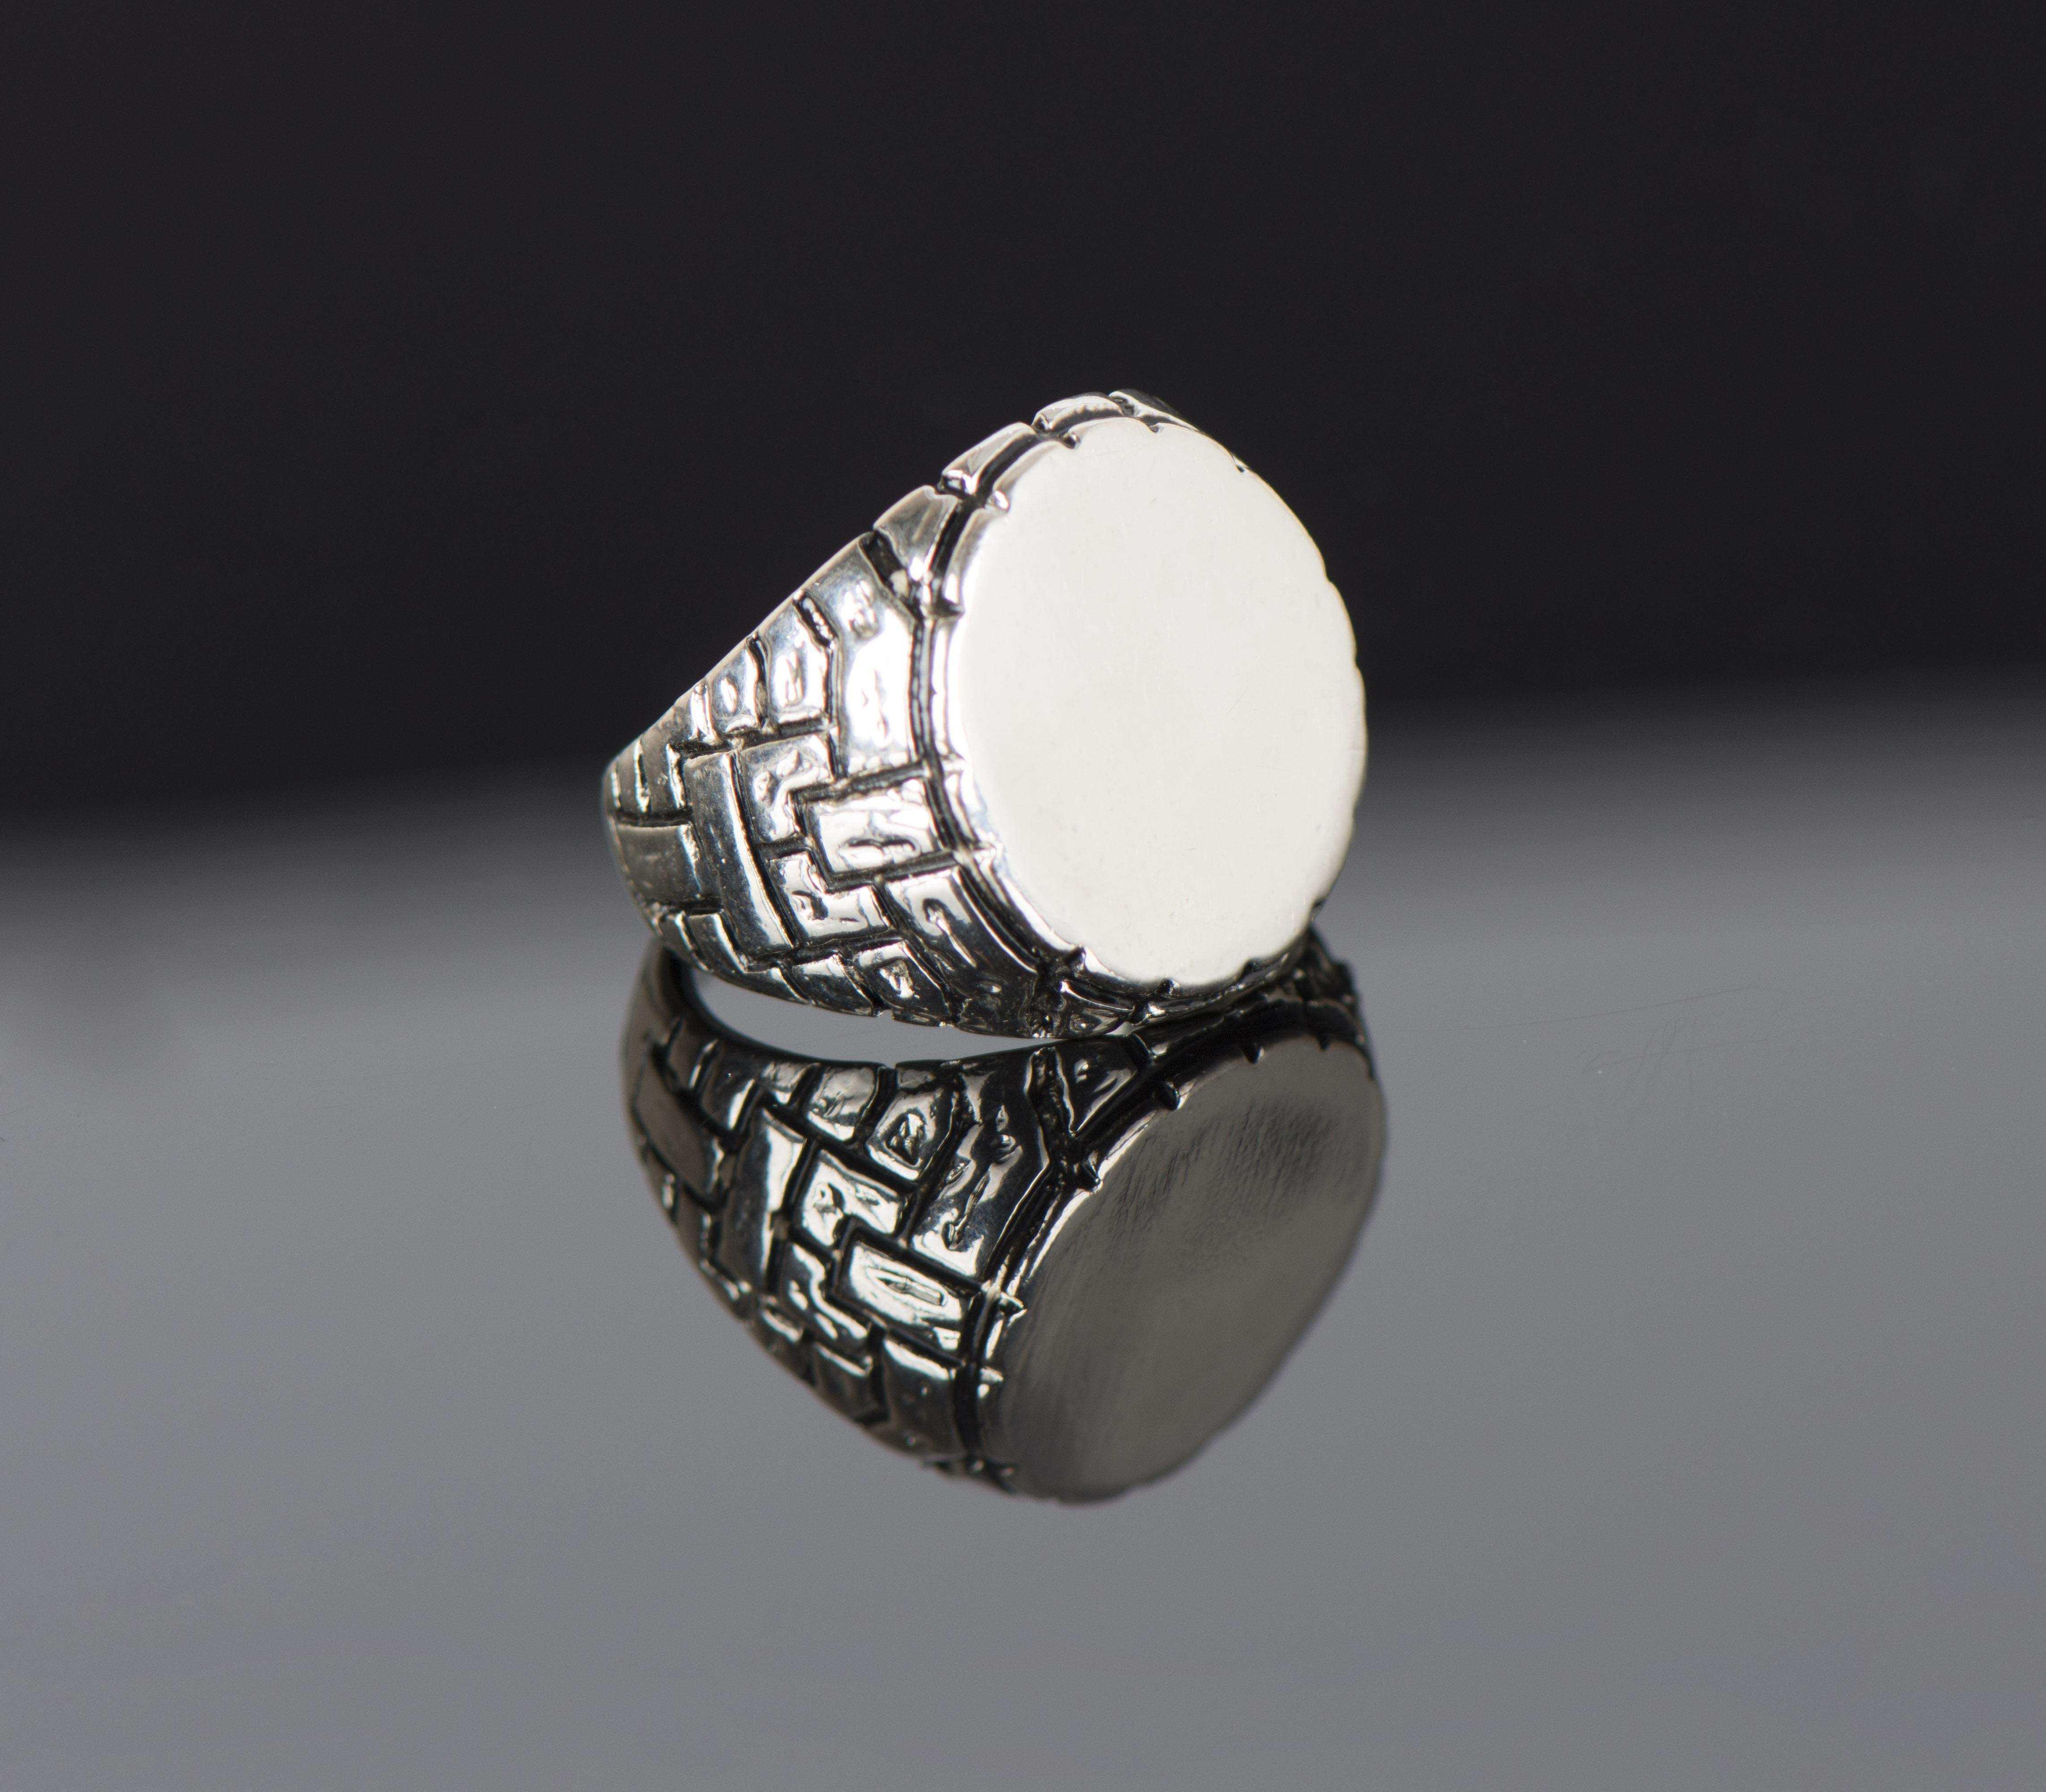 Parlak Gümüş Erkek Yüzük - YÜZ0076